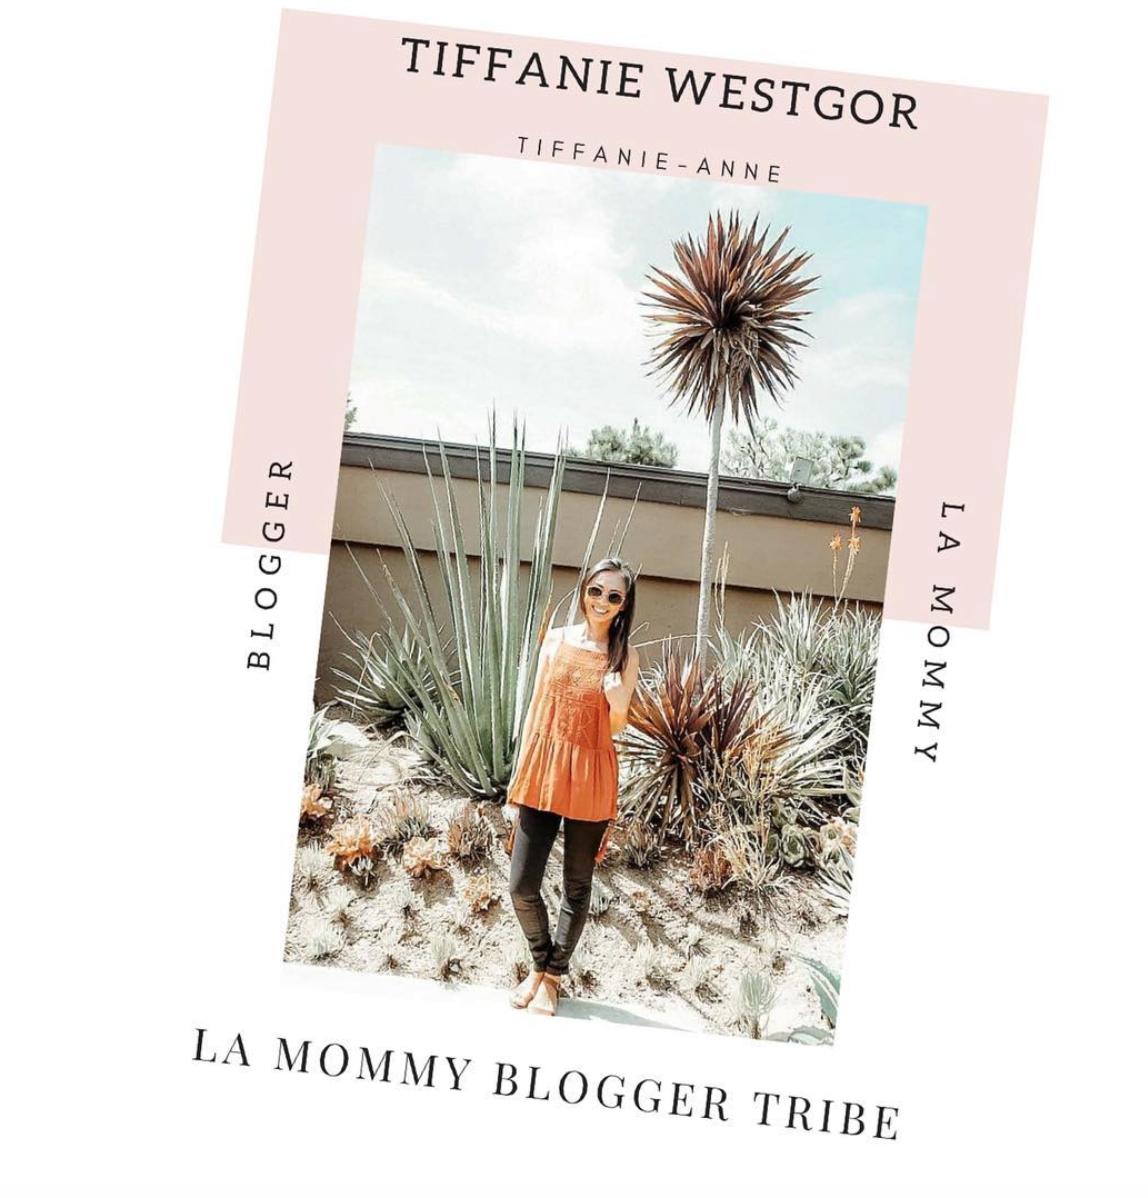 Tiffanie Anne